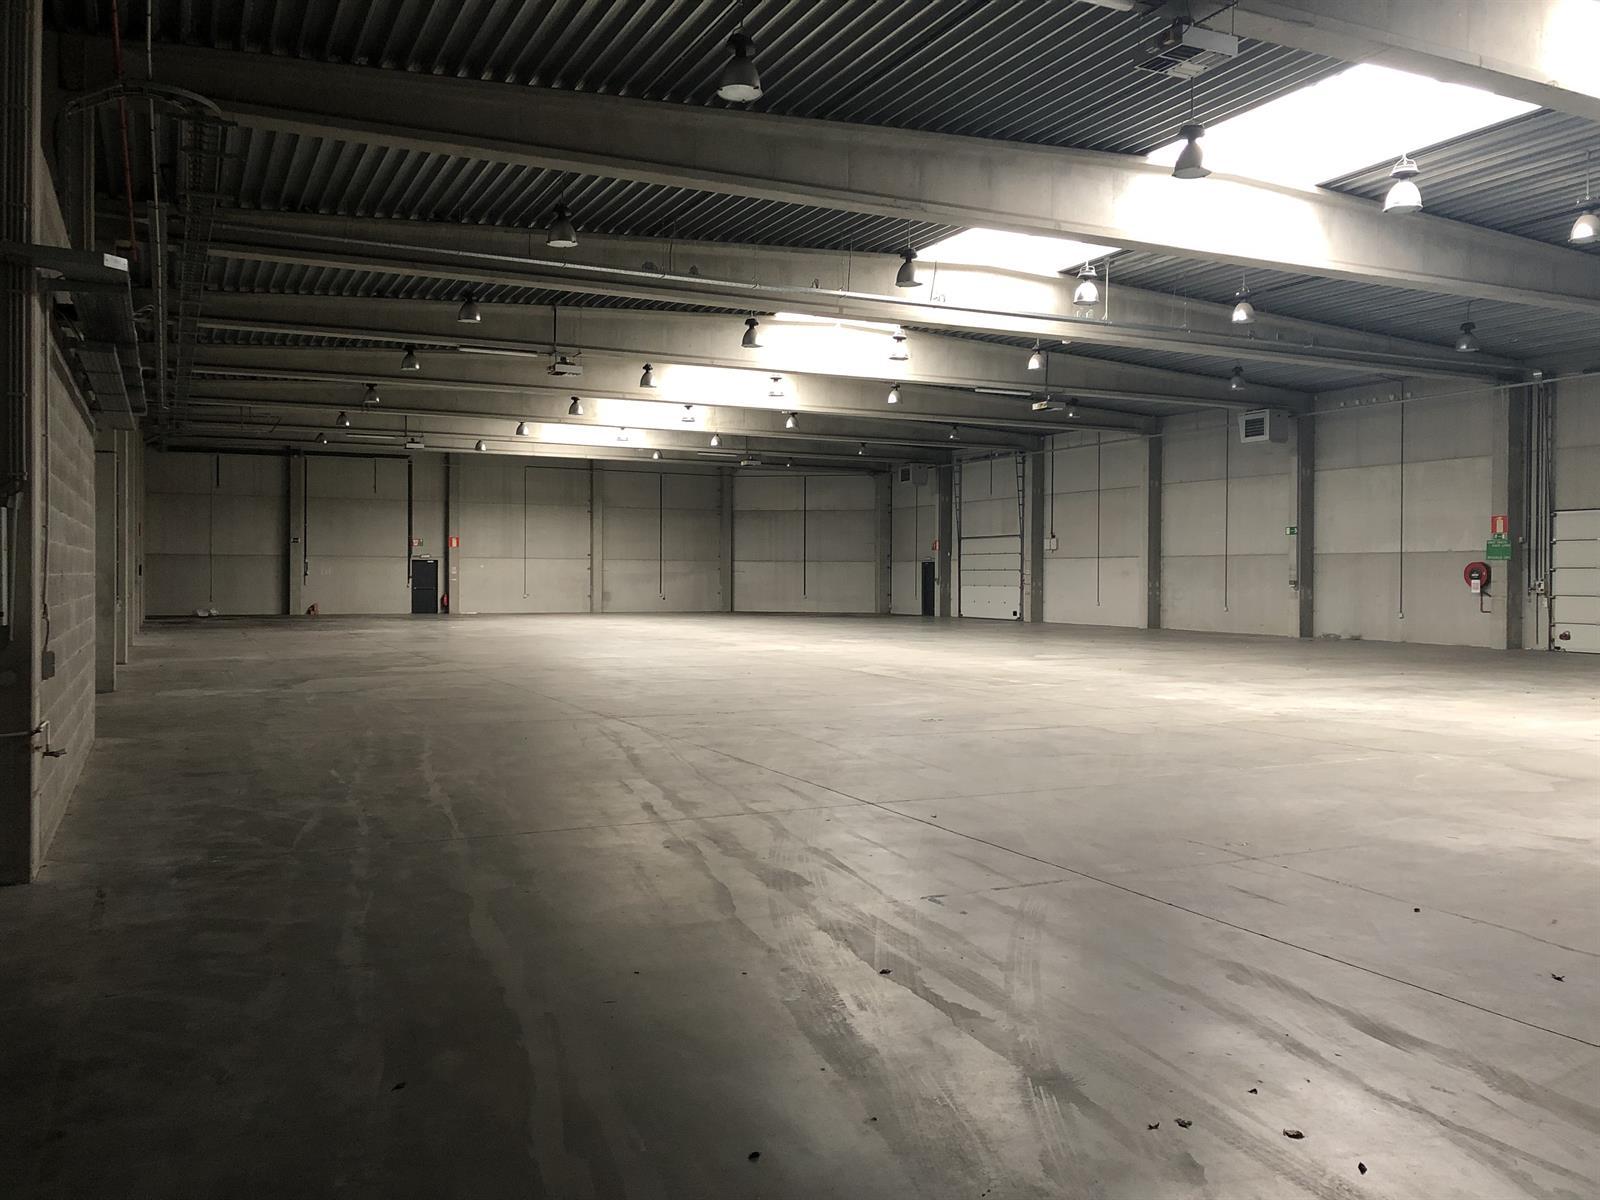 opslagplaats te huur I104 - Moerelei 125, 2610 Antwerpen Wilrijk, België 3